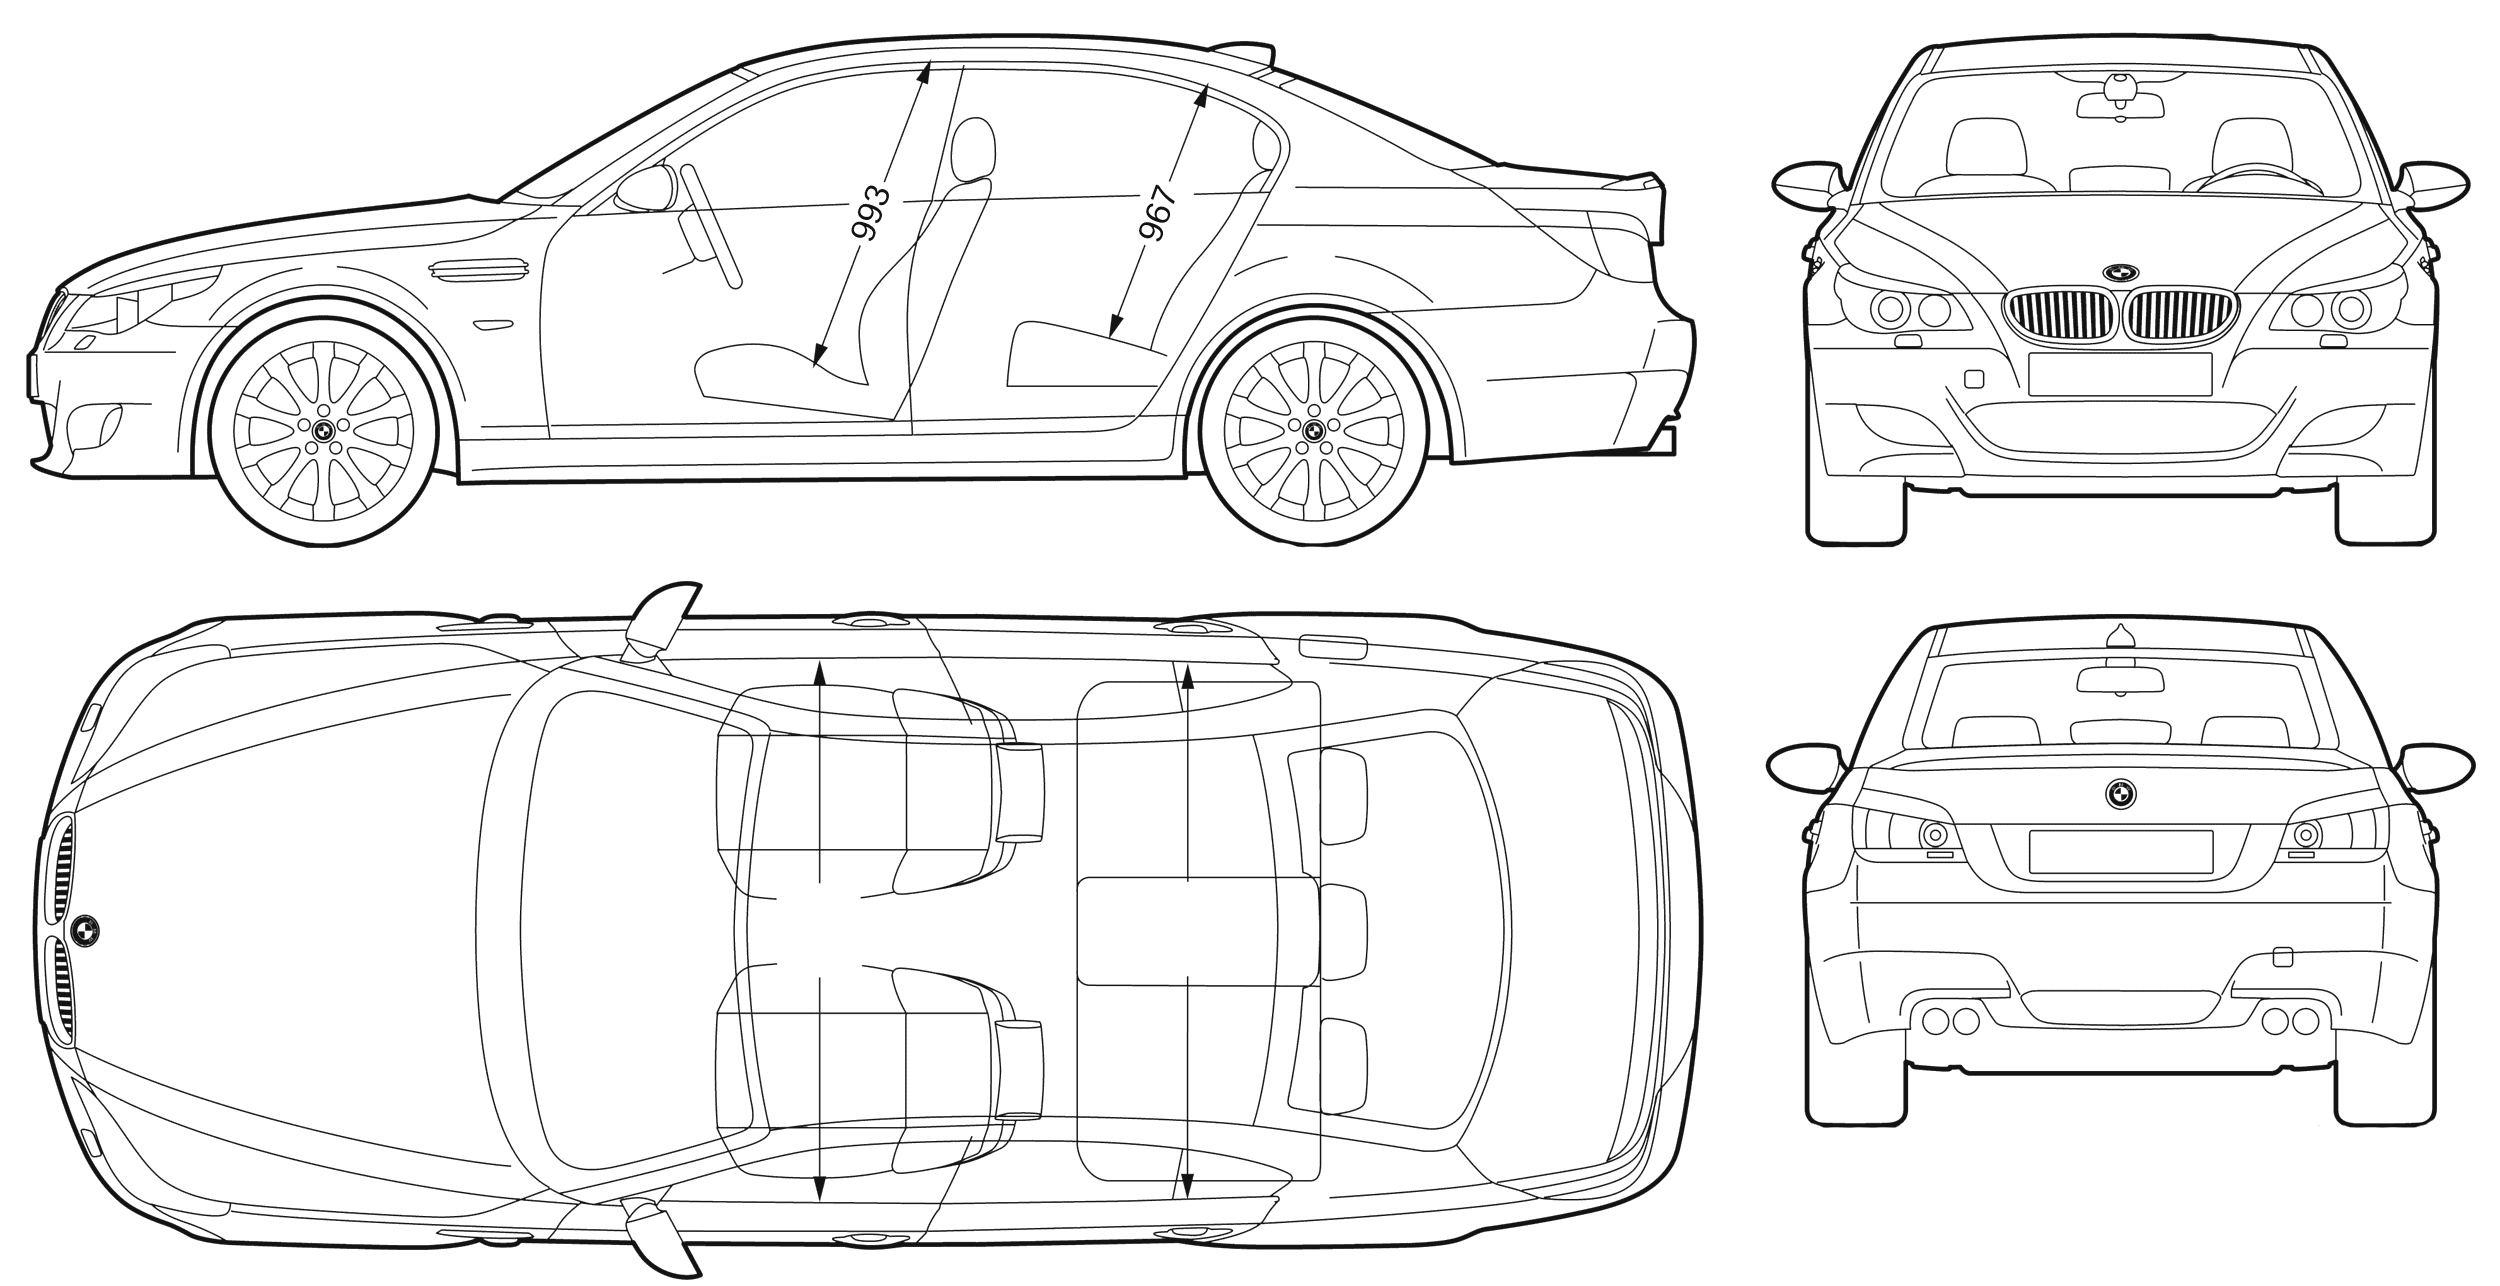 suche  kontur zeichnungen von autos